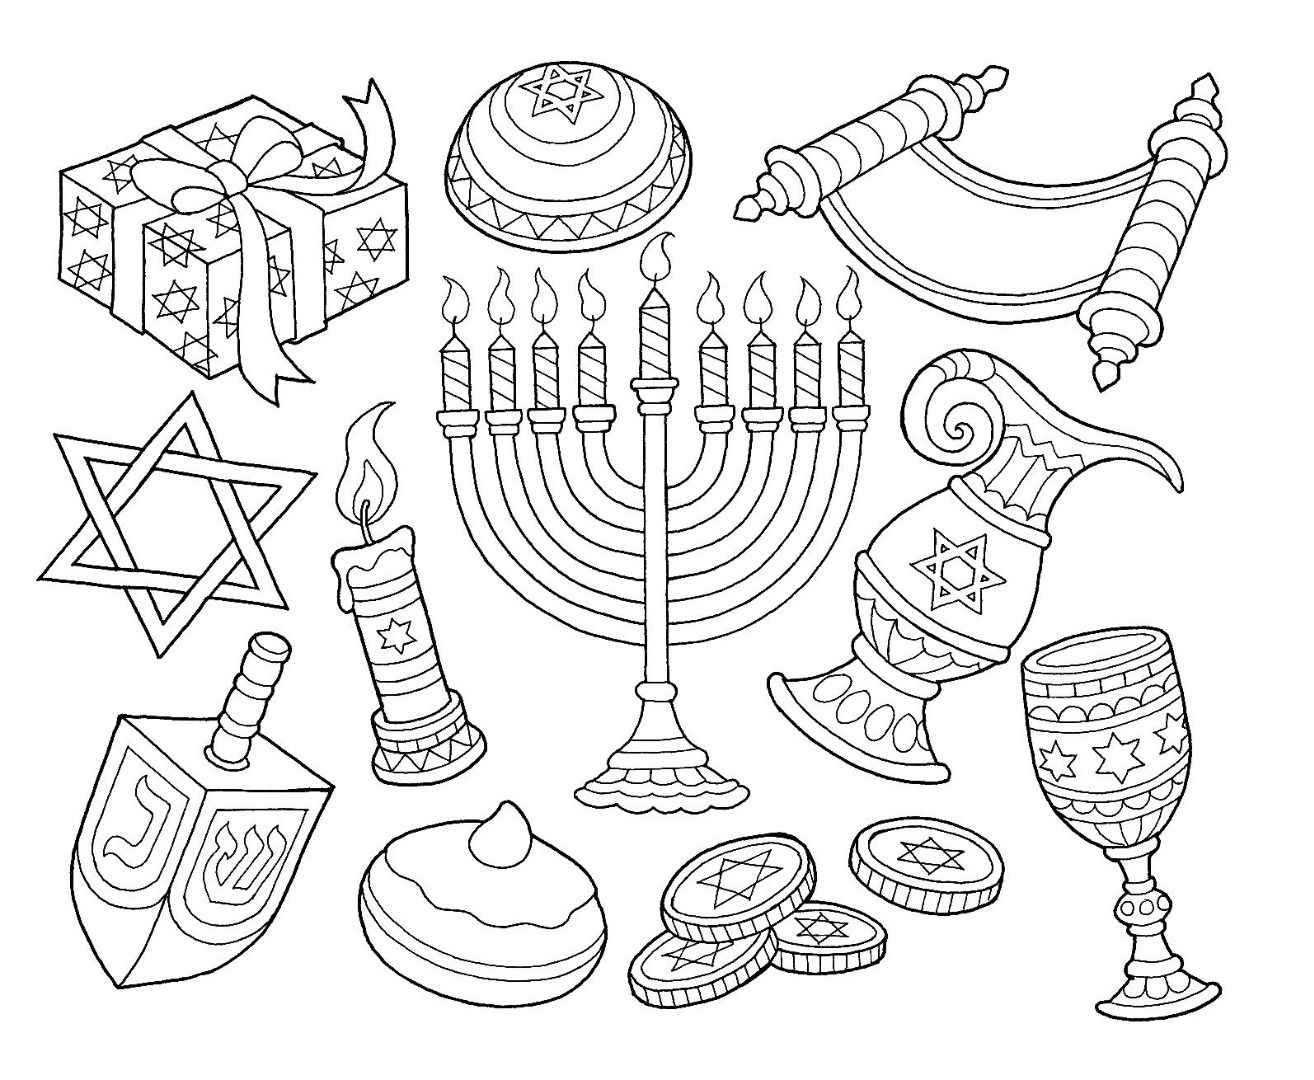 Drawing Candles Hanukkah - Menorah To Color , Transparent Cartoon ... | 1080x1314